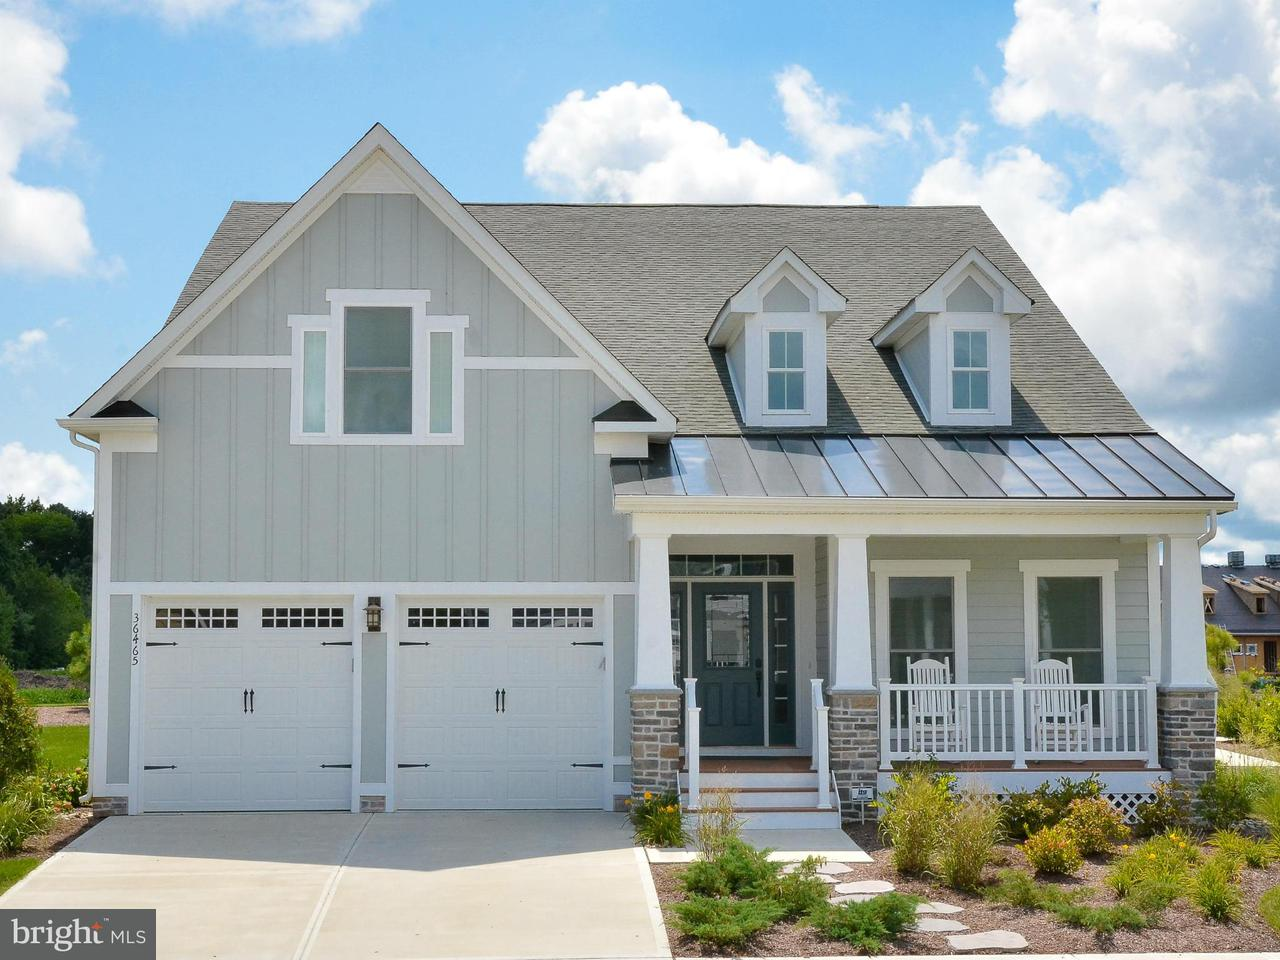 Einfamilienhaus für Verkauf beim 3016 TURNSTILE Lane 3016 TURNSTILE Lane Odenton, Maryland 21113 Vereinigte Staaten